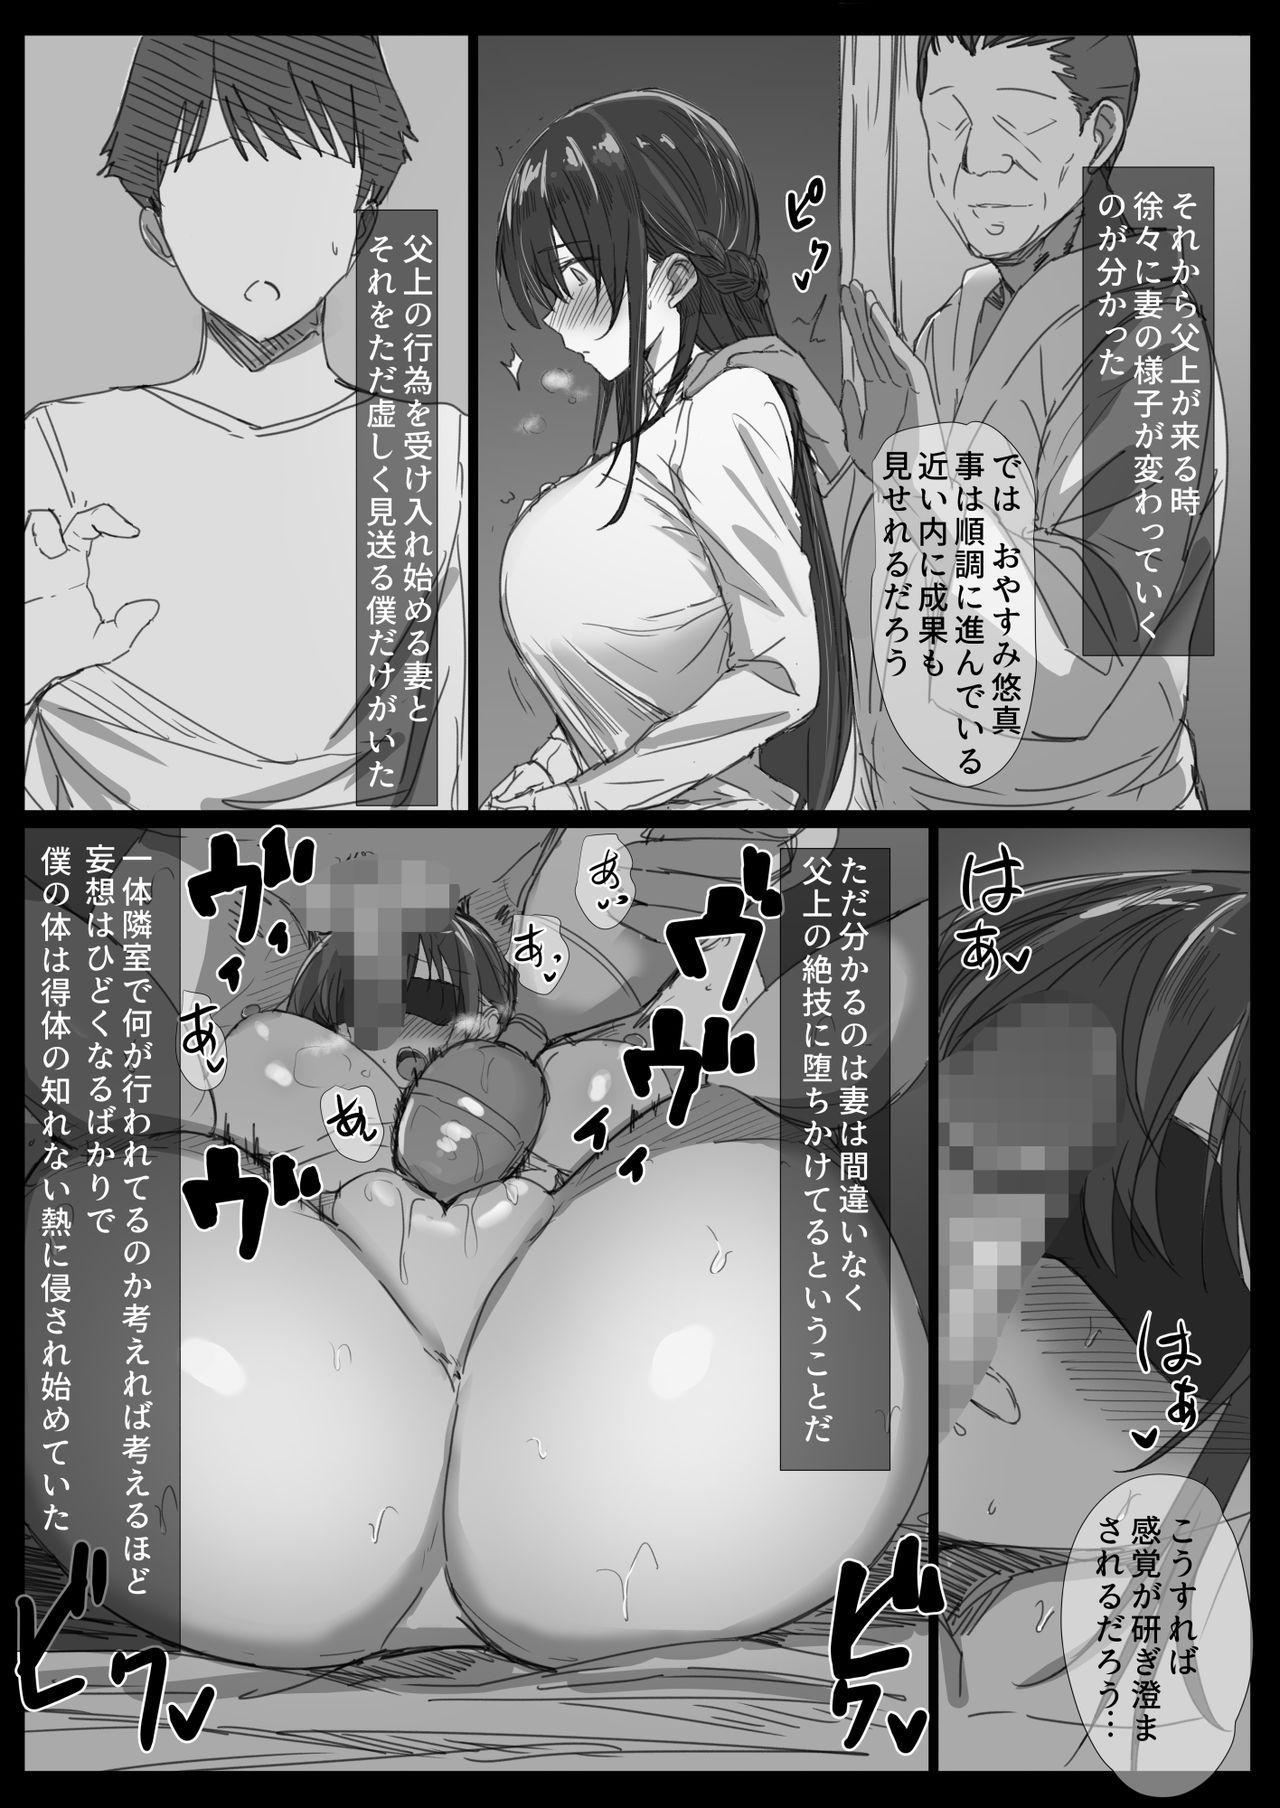 Ki ga Tsuyoi Seiso na Hitozuma Reijou ga Netorareru made no Ichibu Shijuu 37